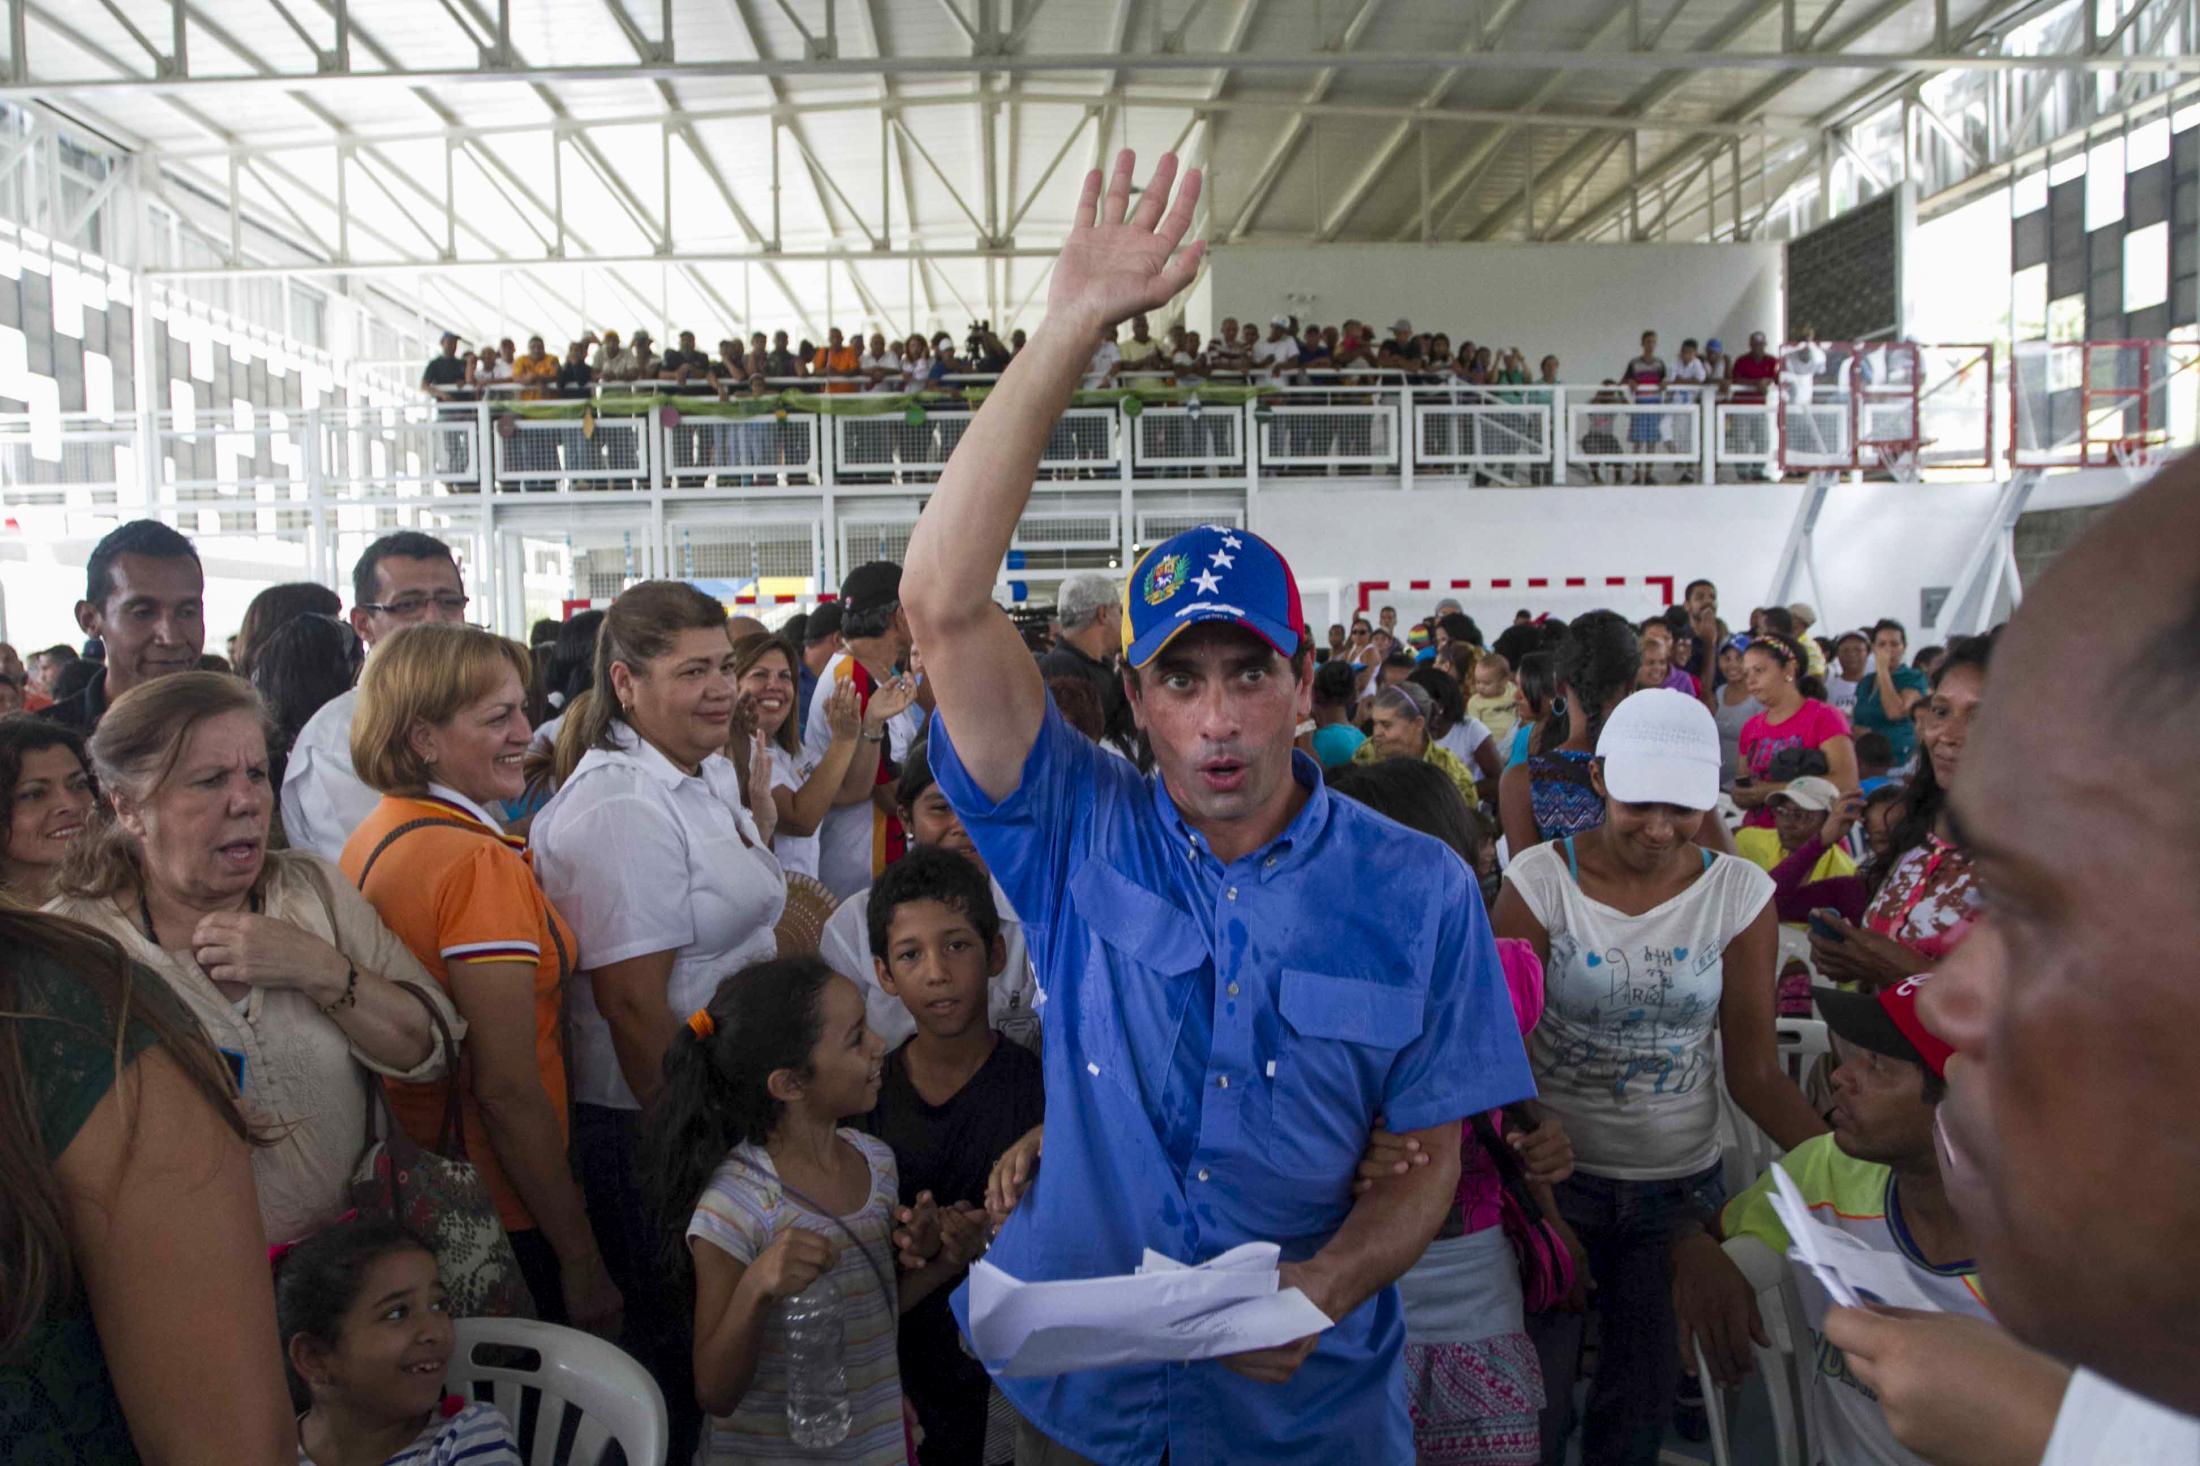 """Henrique Capriles Radonski, Gobernador del Estado Miranda (Venezuela) ingresando a la Escuela """"Simón Díaz"""", para el acto inaugural de la institución educativa construída en su mandato. Guatire, Venezuela. 12/11/2015."""